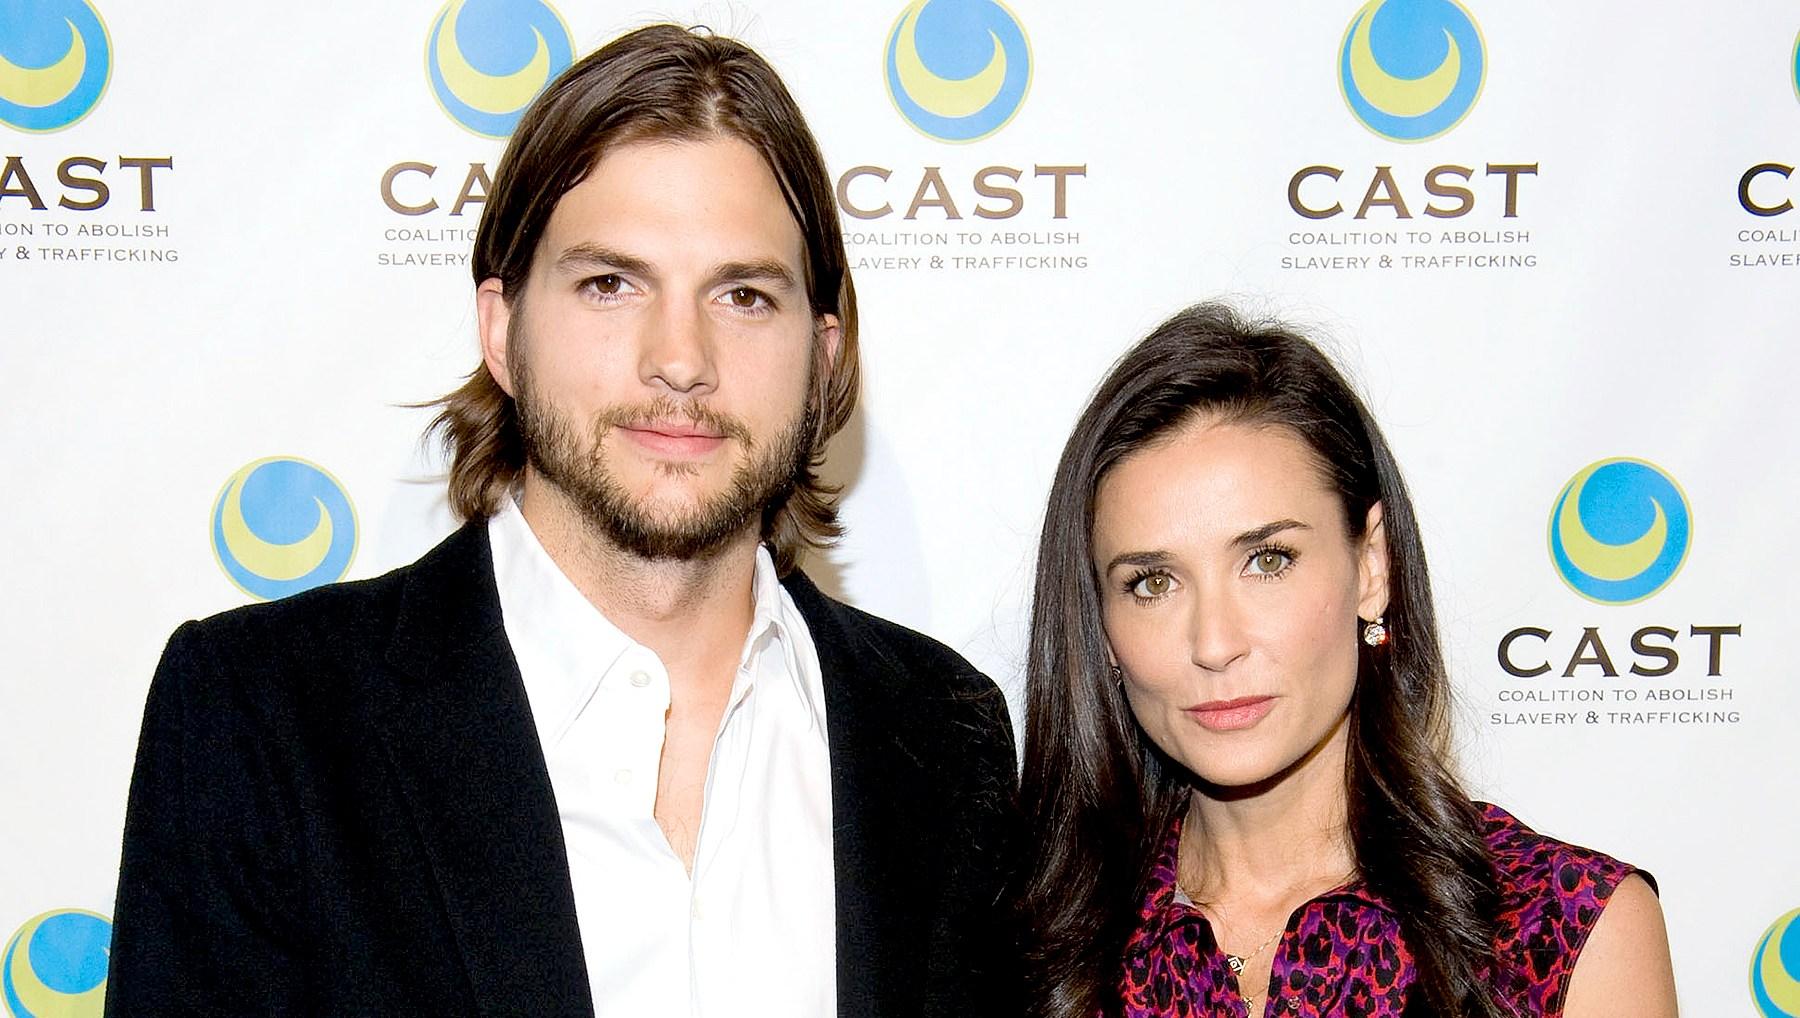 Ashton-Kutcher-and-Demi-Moore-reunite